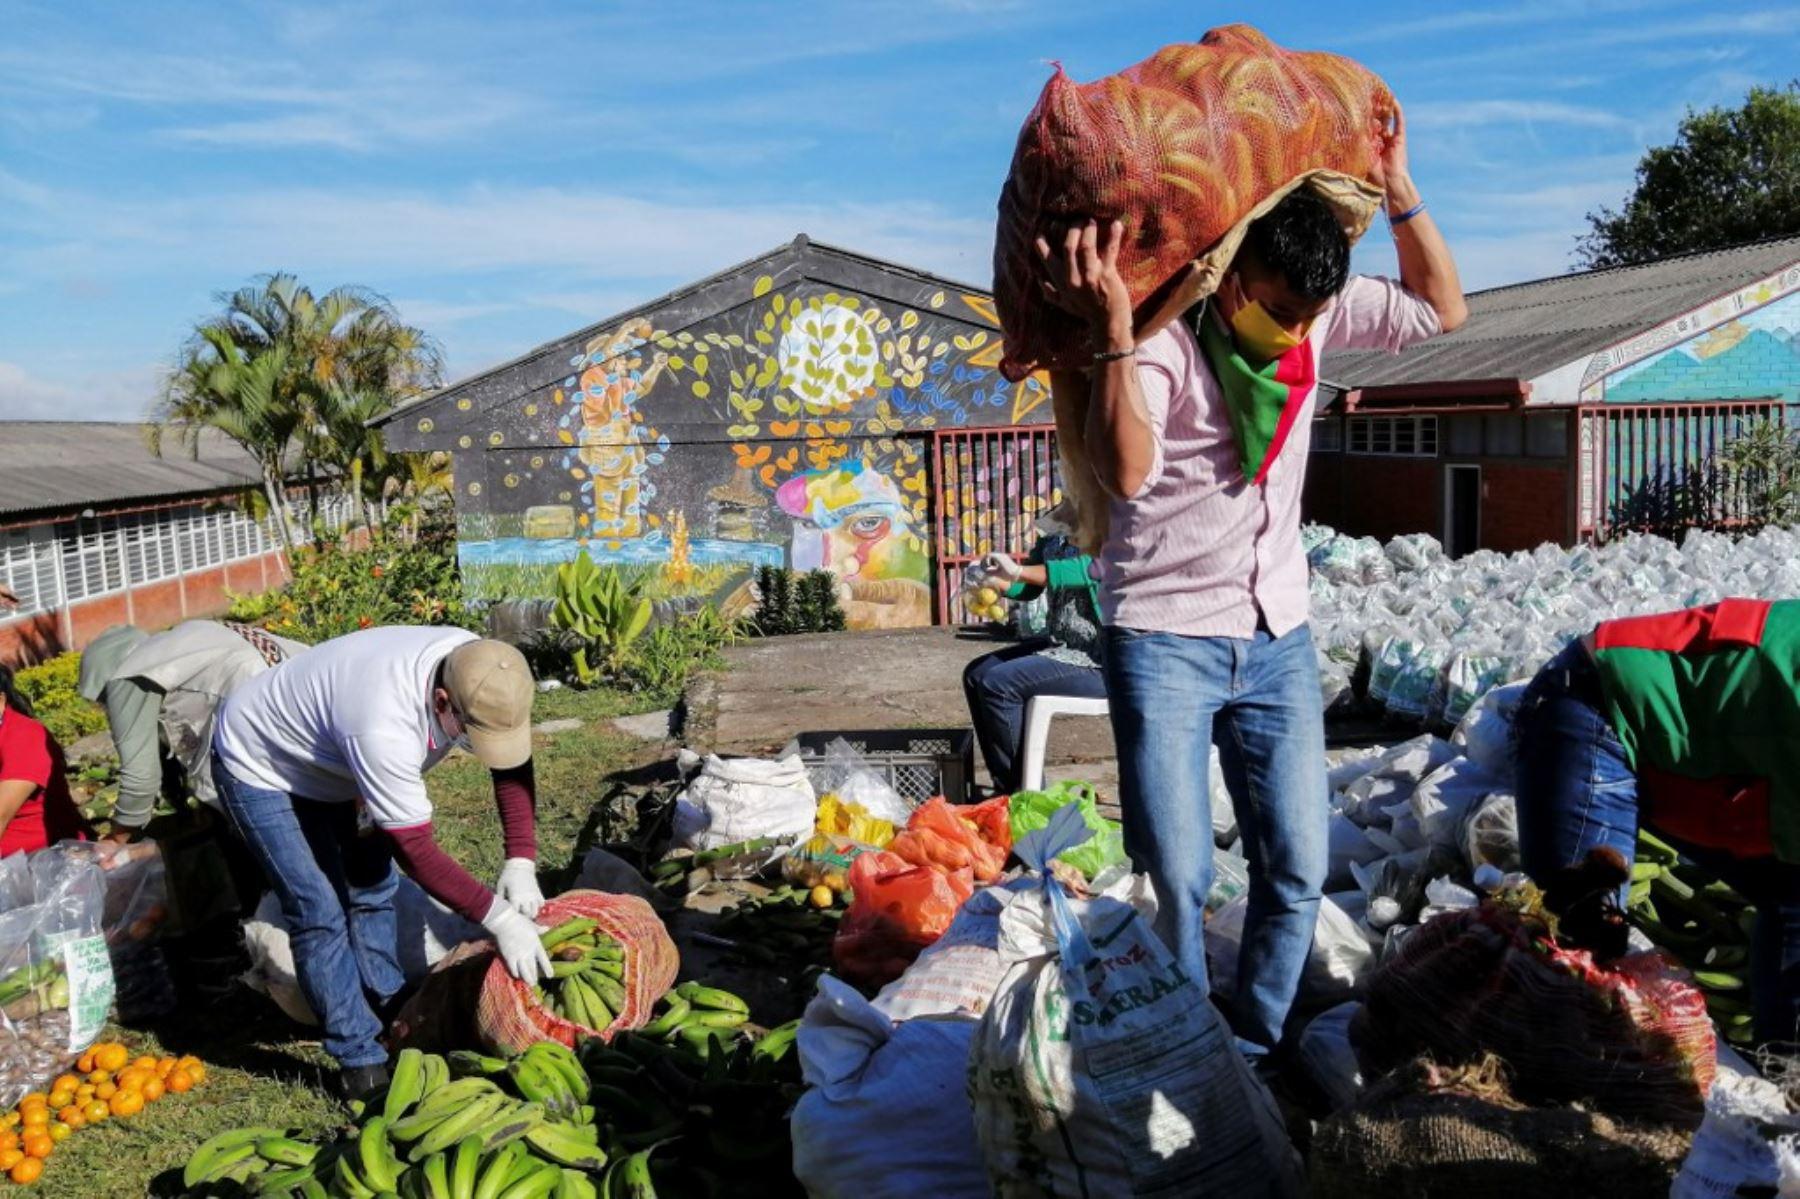 Un hombre carga alimentos recolectados de sus cultivos, para ser entregados entre familias vulnerables en Popayán, en Colombia. Foto: AFP